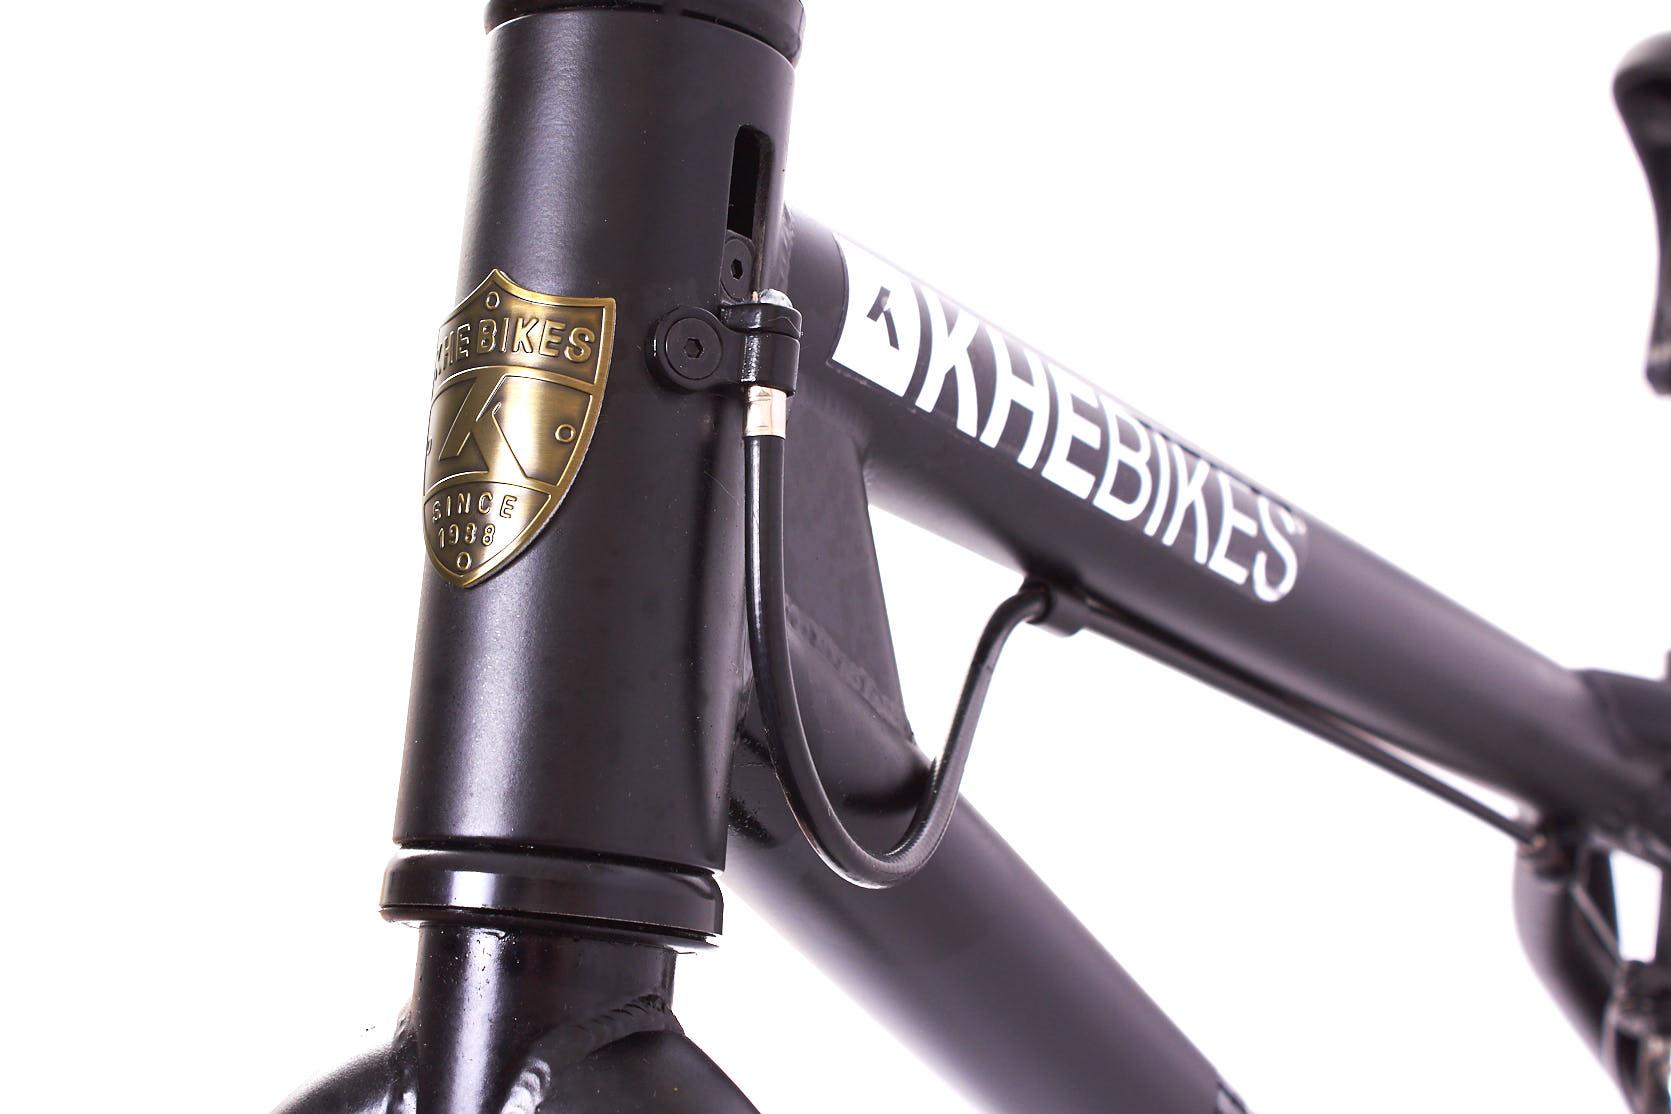 Wie auch an allen anderen Kompletträdern von KHEbikes, die mit einem Rotor ausgestattet sind, wurde am Catweazle natürlich das patentierte Affix-Rotorsystem verbaut